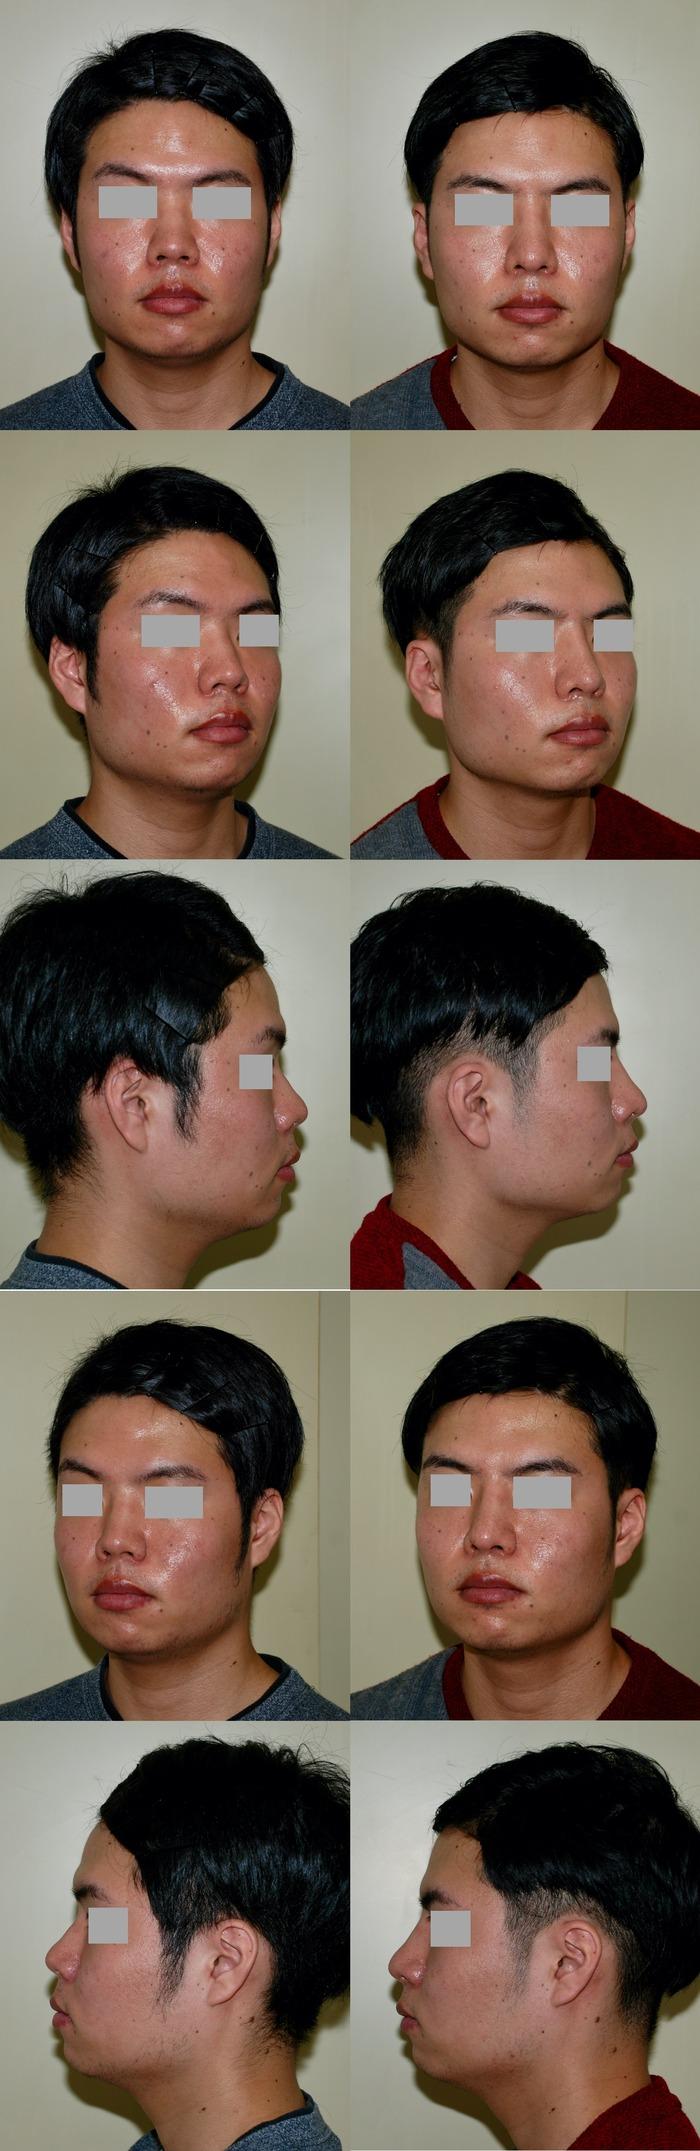 鼻中隔延長 隆鼻術 術後3か月